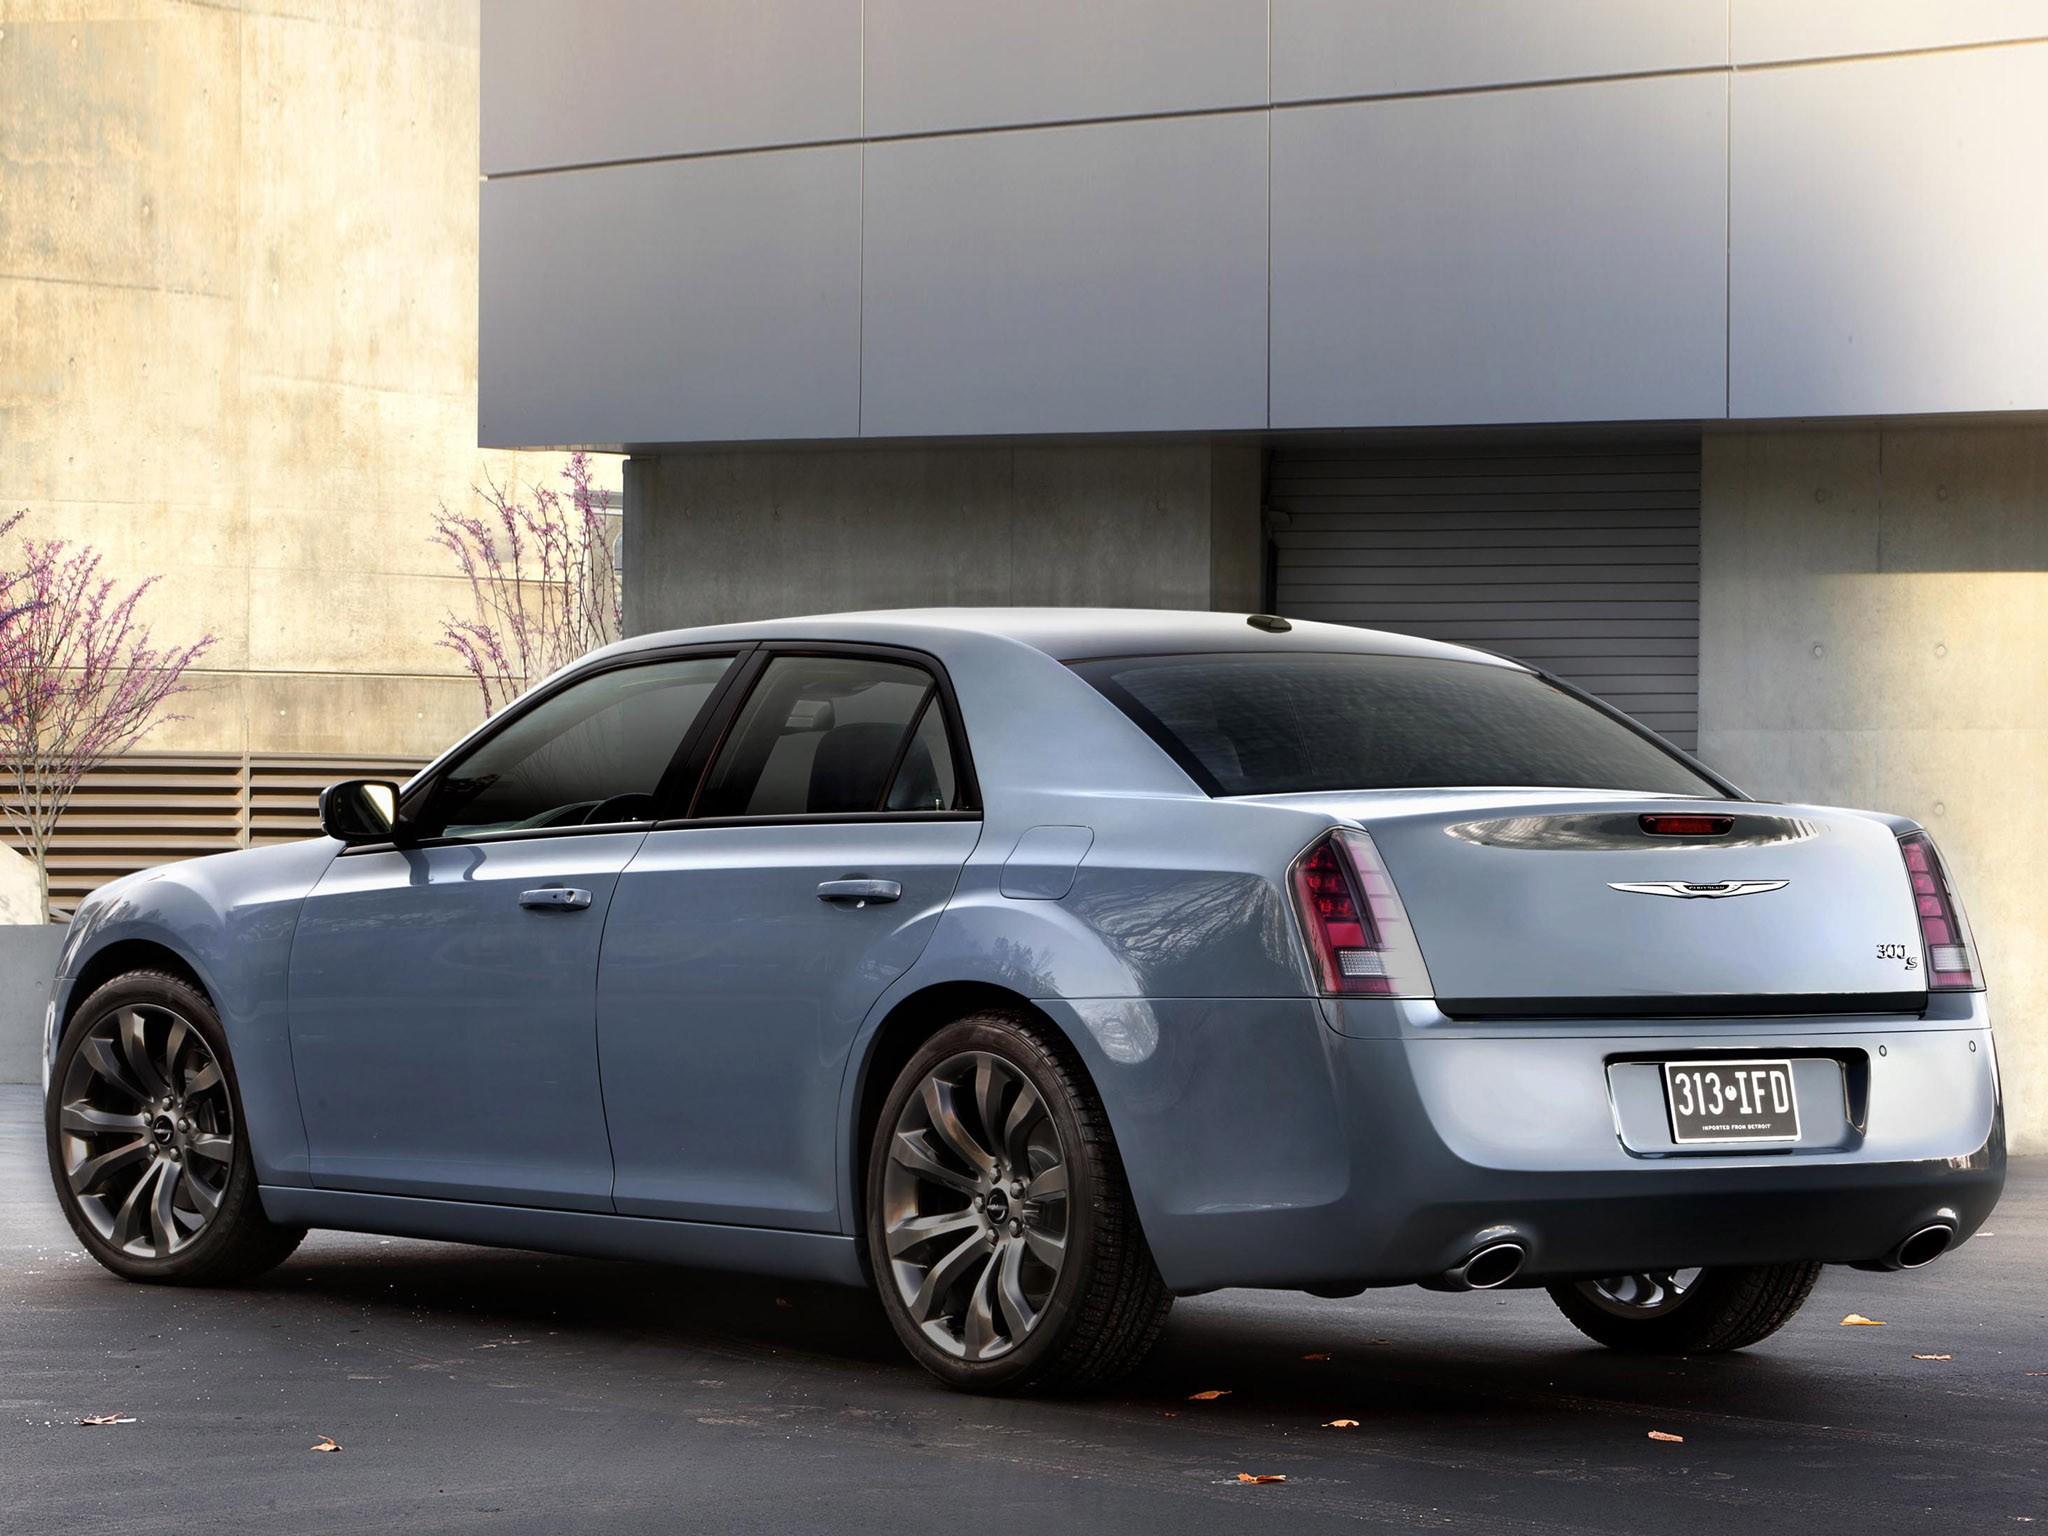 2014 Chrysler 300S V8 Hemi